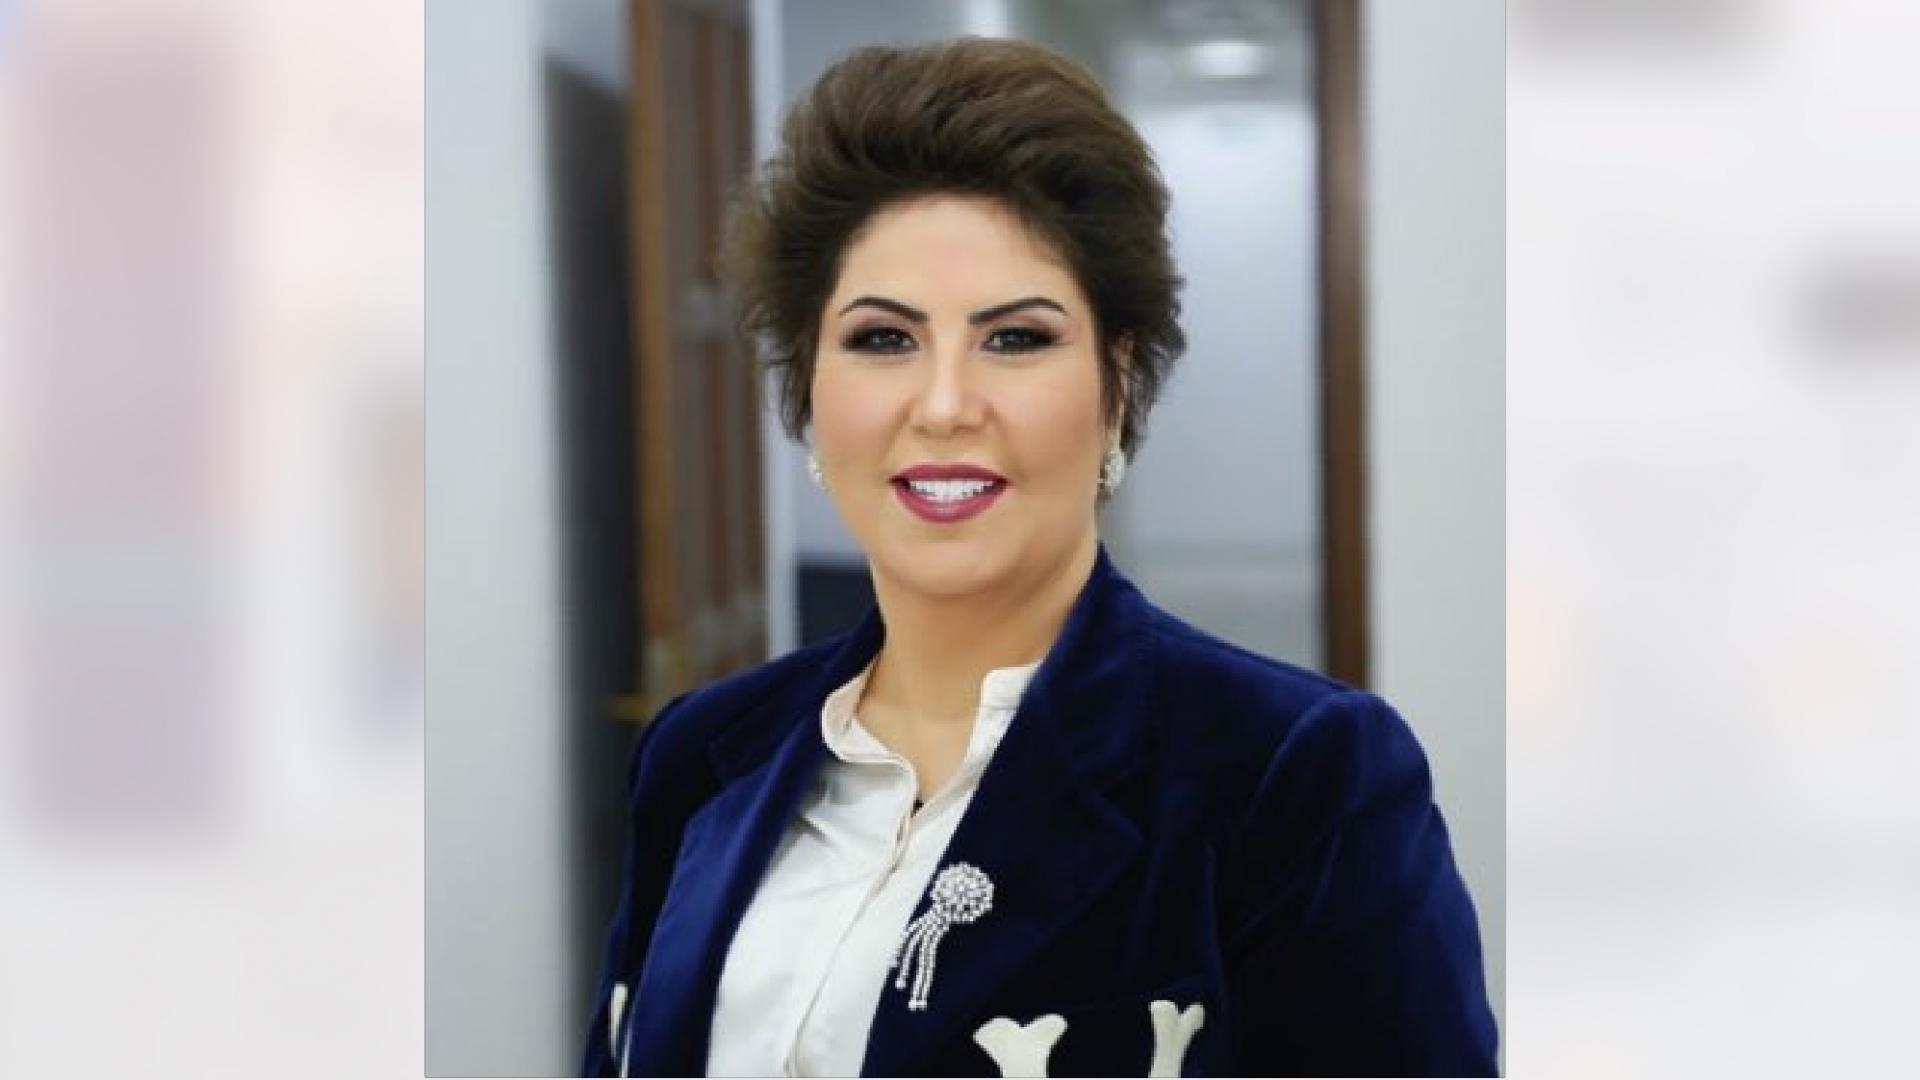 """كاتبة كويتية تغرد بالعبرية داعية للتطبيع.. و""""إسرائيل بالعربية"""" تصفها بـ""""فجر الشجاعة"""""""